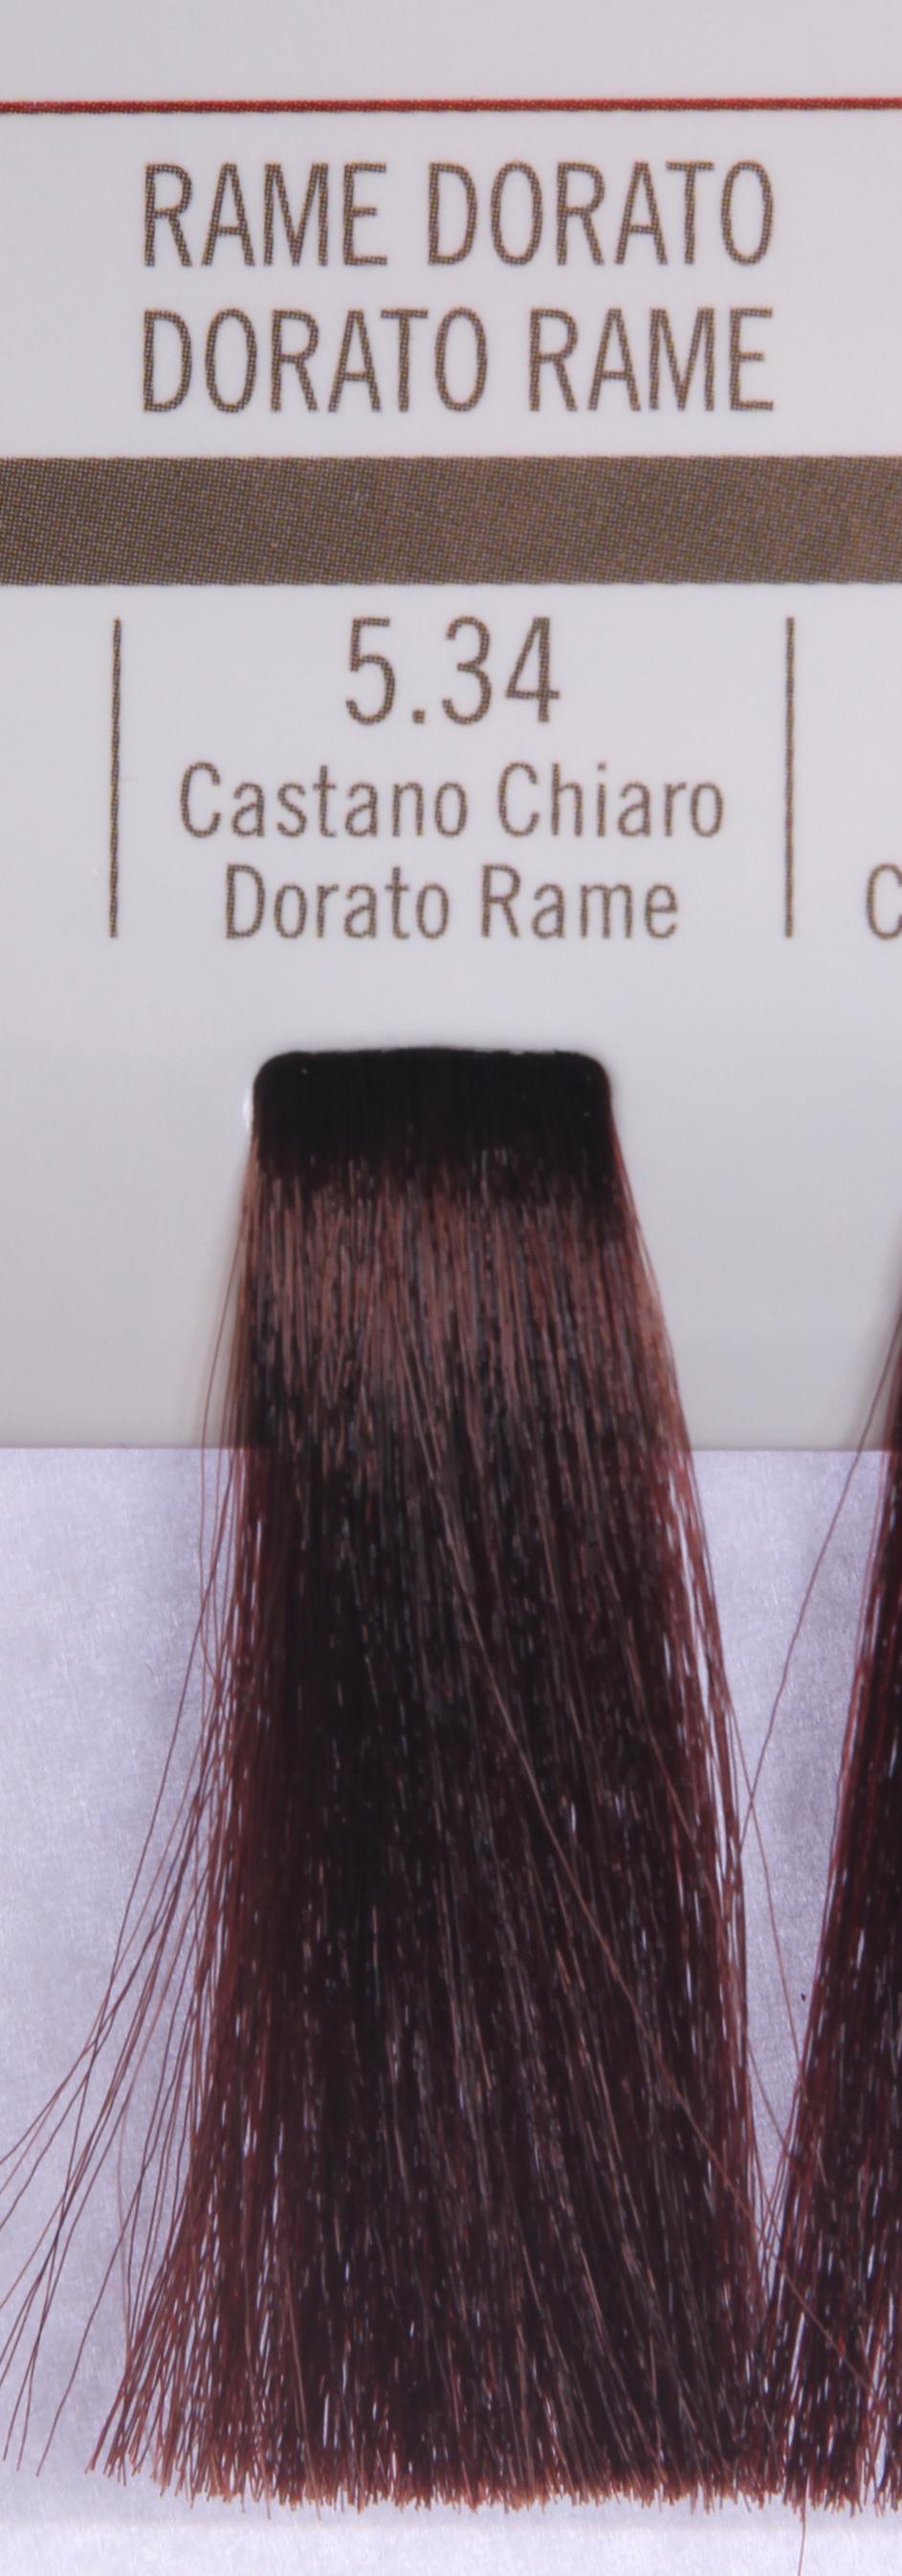 BAREX 5.34 краска для волос / PERMESSE 100млКраски<br>Оттенок: Светлый каштан золотисто-медный. Профессиональная крем-краска Permesse отличается низким содержанием аммиака - от 1 до 1,5%. Обеспечивает блестящий и натуральный косметический цвет, 100% покрытие седых волос, идеальное осветление, стойкость и насыщенность цвета до следующего окрашивания. Комплекс сертифицированных органических пептидов M4, входящих в состав, действует с момента нанесения, увлажняя волосы, придавая им прочность и защиту. Пептиды избирательно оседают в самых поврежденных участках волоса, восстанавливая и защищая их. Масло карите оказывает смягчающее и успокаивающее действие. Комплекс пептидов и масло карите стимулируют проникновение пигментов вглубь структуры волоса, придавая им здоровый вид, блеск и долговечность косметическому цвету. Активные ингредиенты:&amp;nbsp;Сертифицированные органические пептиды М4 - пептиды овса, бразильского ореха, сои и пшеницы, объединенные в полифункциональный комплекс, придающий прочность окрашенным волосам, увлажняющий и защищающий их. Сертифицированное органическое масло карите (масло ши) - богато жирными кислотами, экстрагируется из ореха африканского дерева карите. Оказывает смягчающий и целебный эффект на кожу и волосы, широко применяется в косметической индустрии. Масло карите защищает волосы от неблагоприятного воздействия внешней среды, интенсивно увлажняет кожу и волосы, т.к. обладает высокой степенью абсорбции, не забивает поры. Способ применения:&amp;nbsp;Крем-краска готовится в смеси с Молочком-оксигентом Permesse 10/20/30/40 объемов в соотношении 1:1 (например, 50 мл крем-краски + 50 мл молочка-оксигента). Молочко-оксигент работает в сочетании с крем-краской и гарантирует идеальное проявление краски. Тюбик крем-краски Permesse содержит 100 мл продукта, количество, достаточное для 2 полных нанесений. Всегда надевайте подходящие специальные перчатки перед подготовкой и нанесением краски. Подготавливайте смесь крем-краски и молочка-оксигента Permes